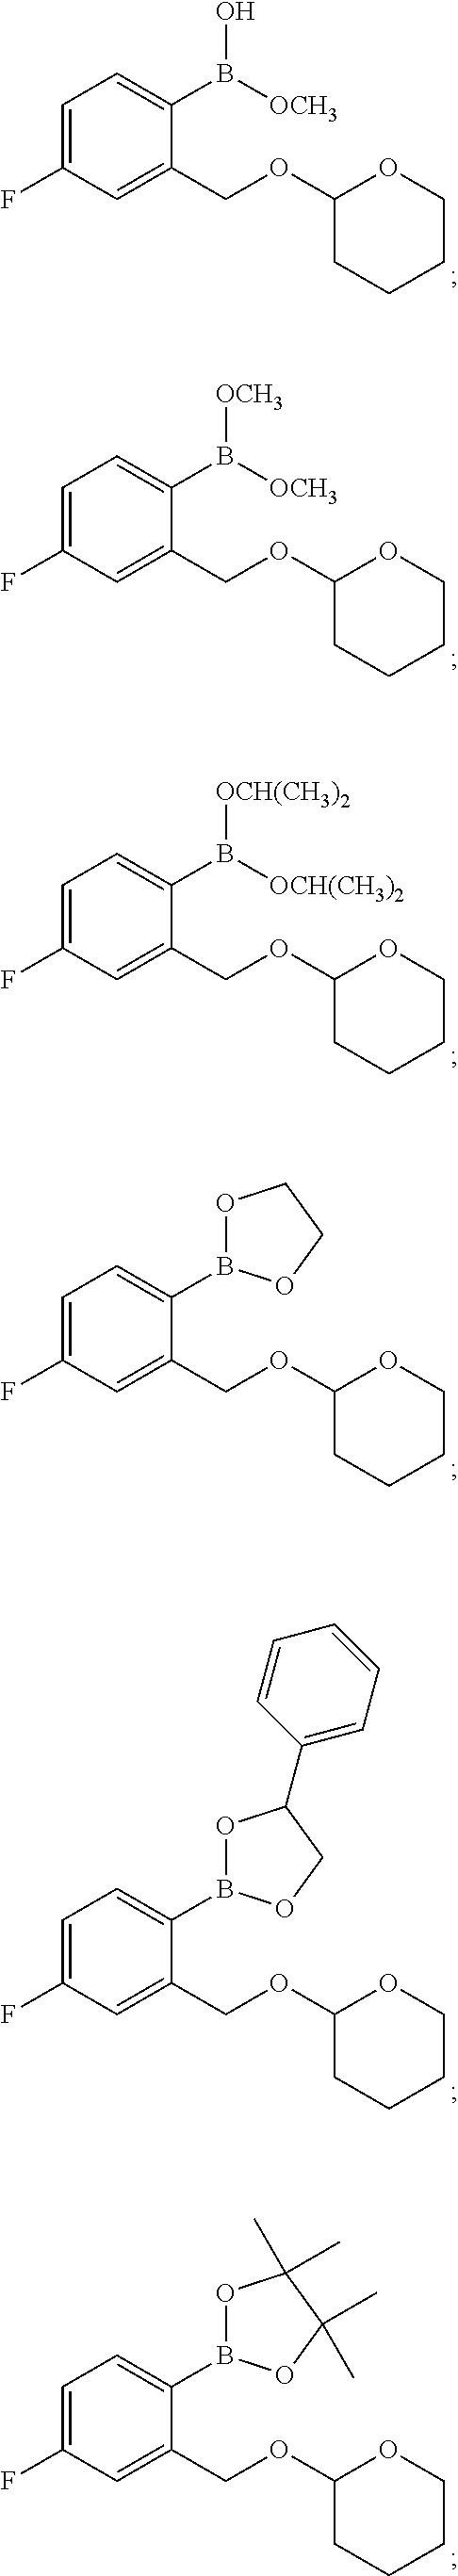 Figure US09353133-20160531-C00092